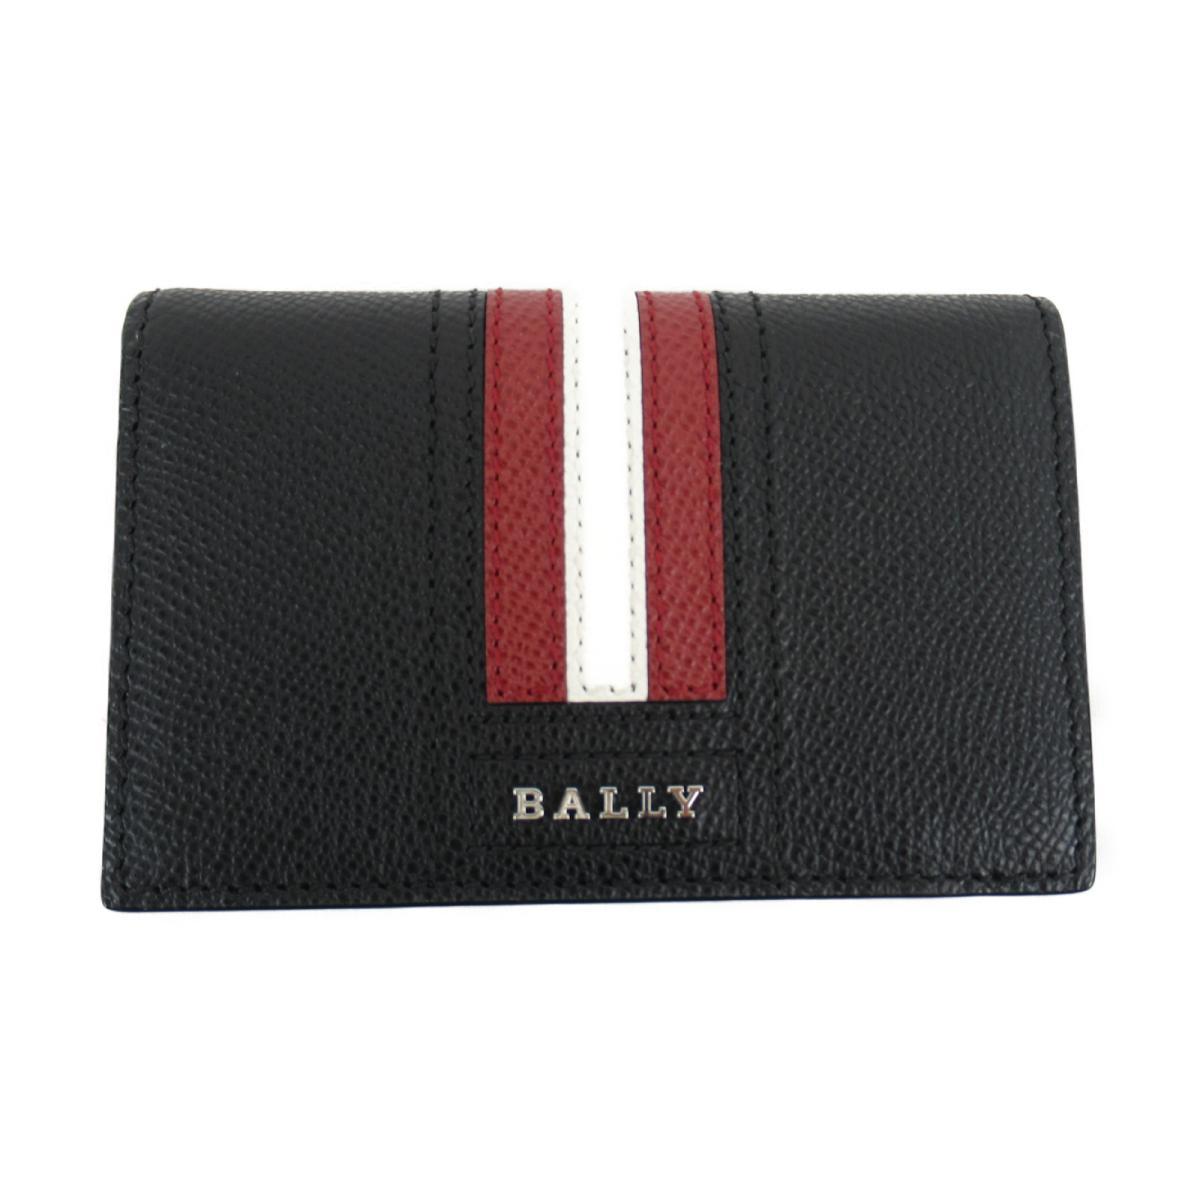 バリー ストライプパスケース付 カードケース 名刺入れ レディース レザー ブラック (6218025)   BALLY BRANDOFF ブランドオフ ブランド 定期入れ パスケース